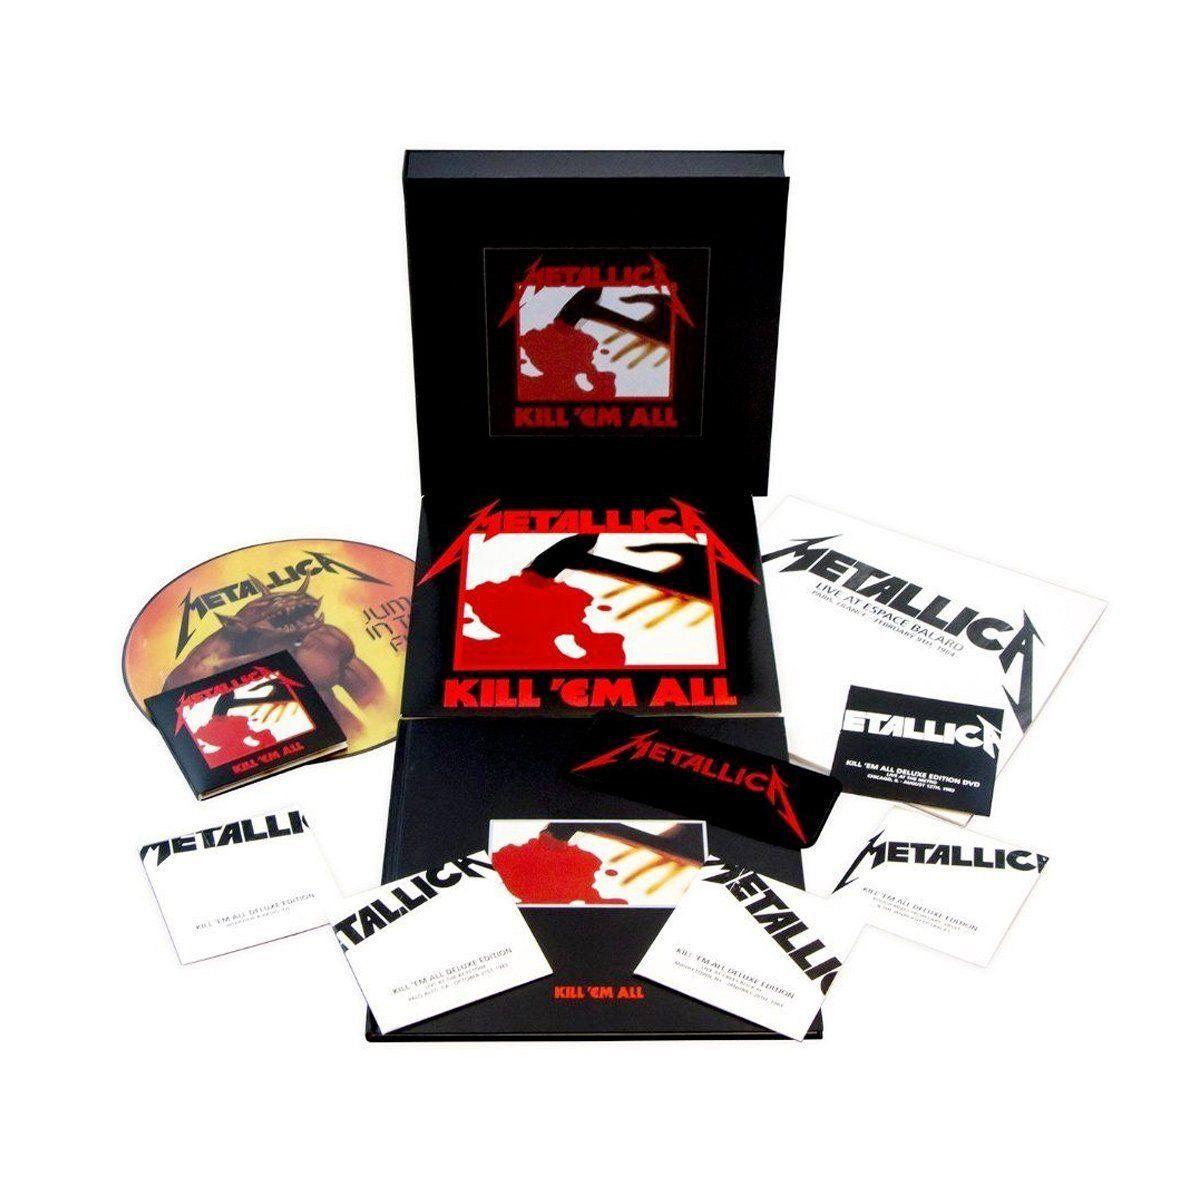 LP Box Set Metallica Kill´em All Oficial  - bandUP Store Marketplace